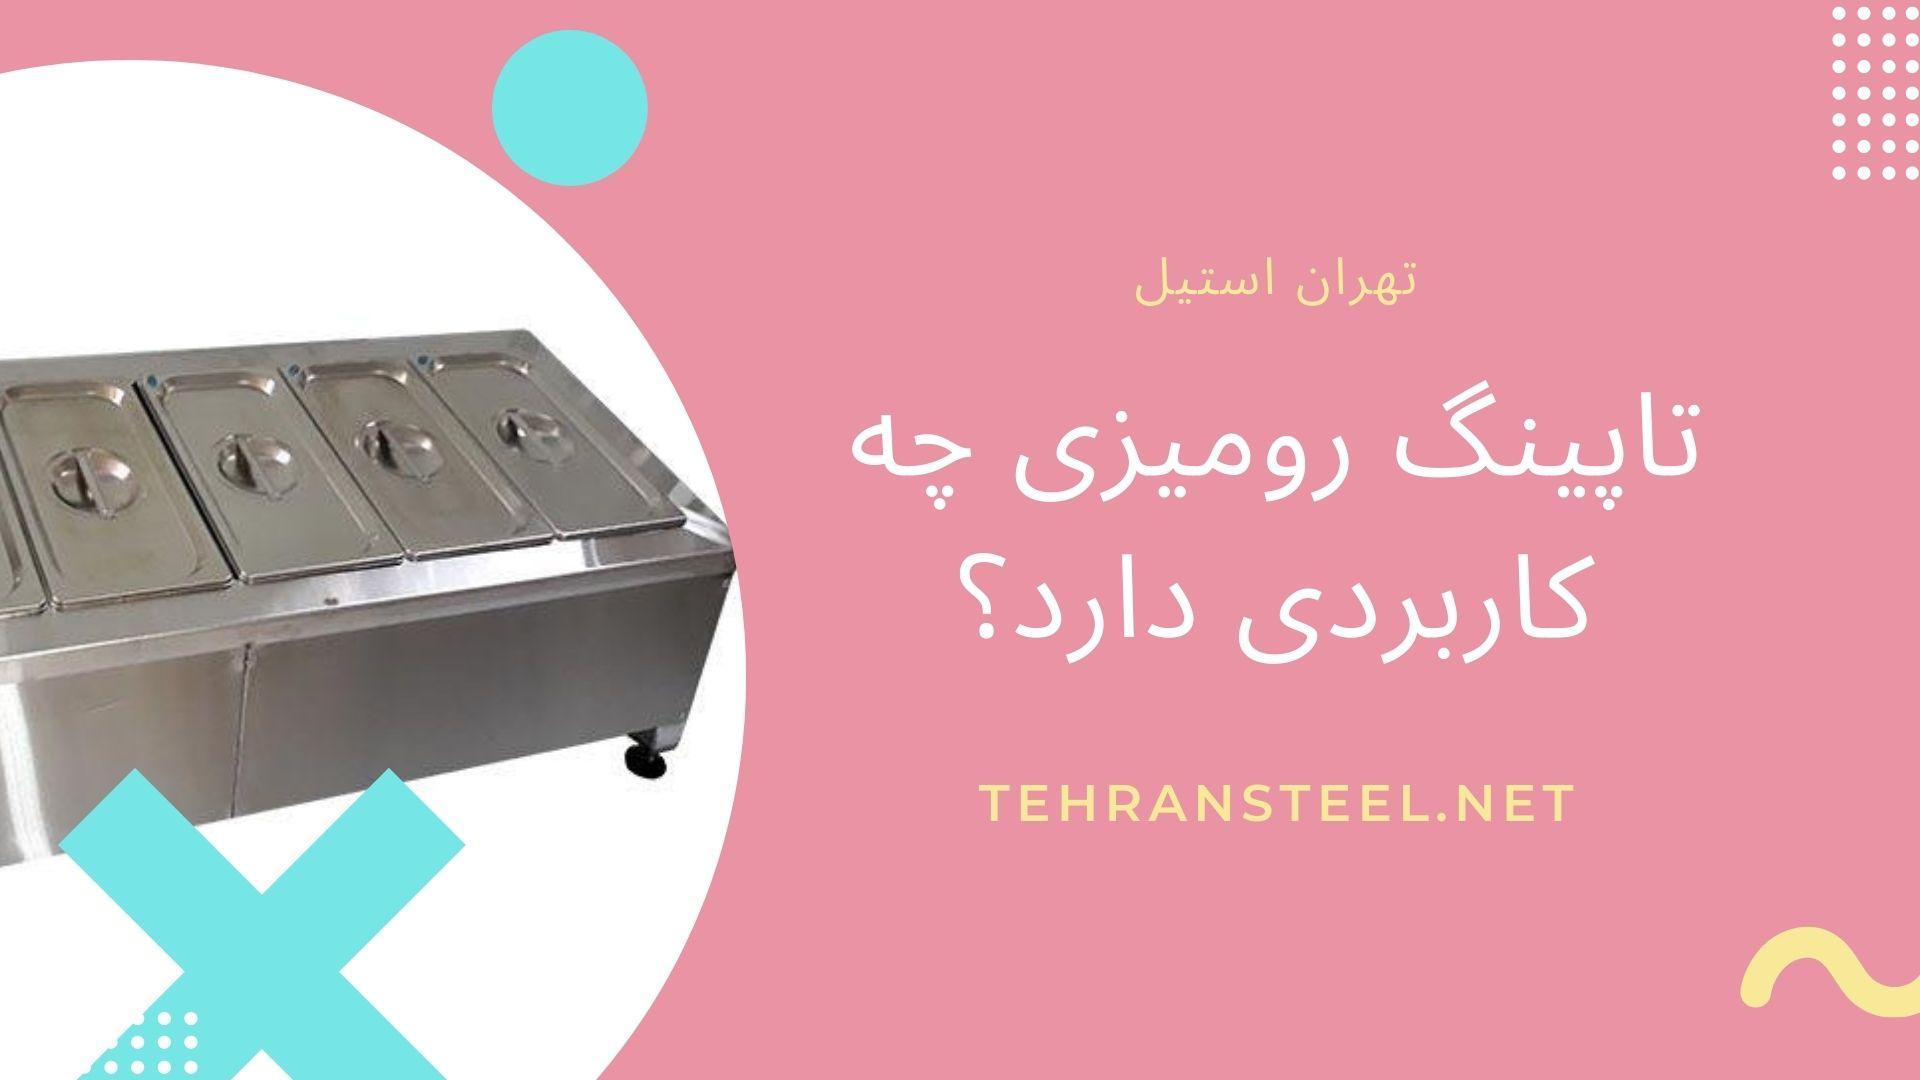 تاپینگ رومیزی چه کاربردی دارد؟